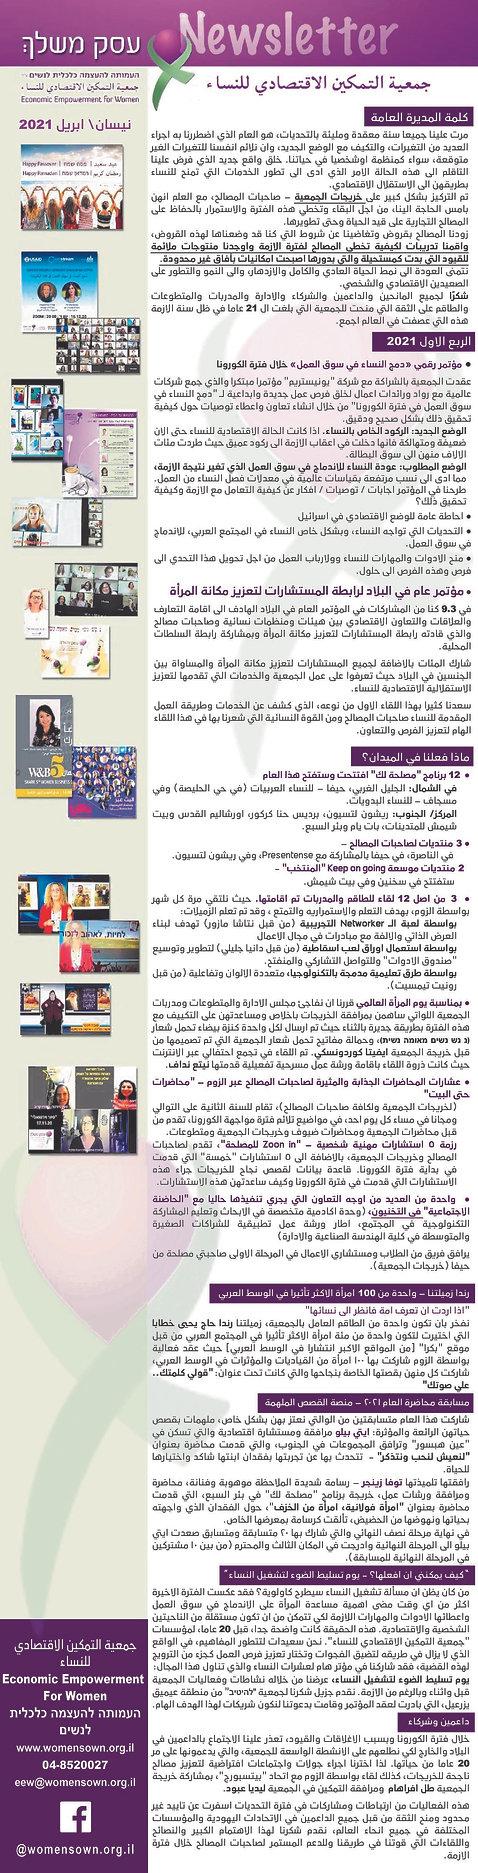 ניוזלטר סופי בערבית.jpg